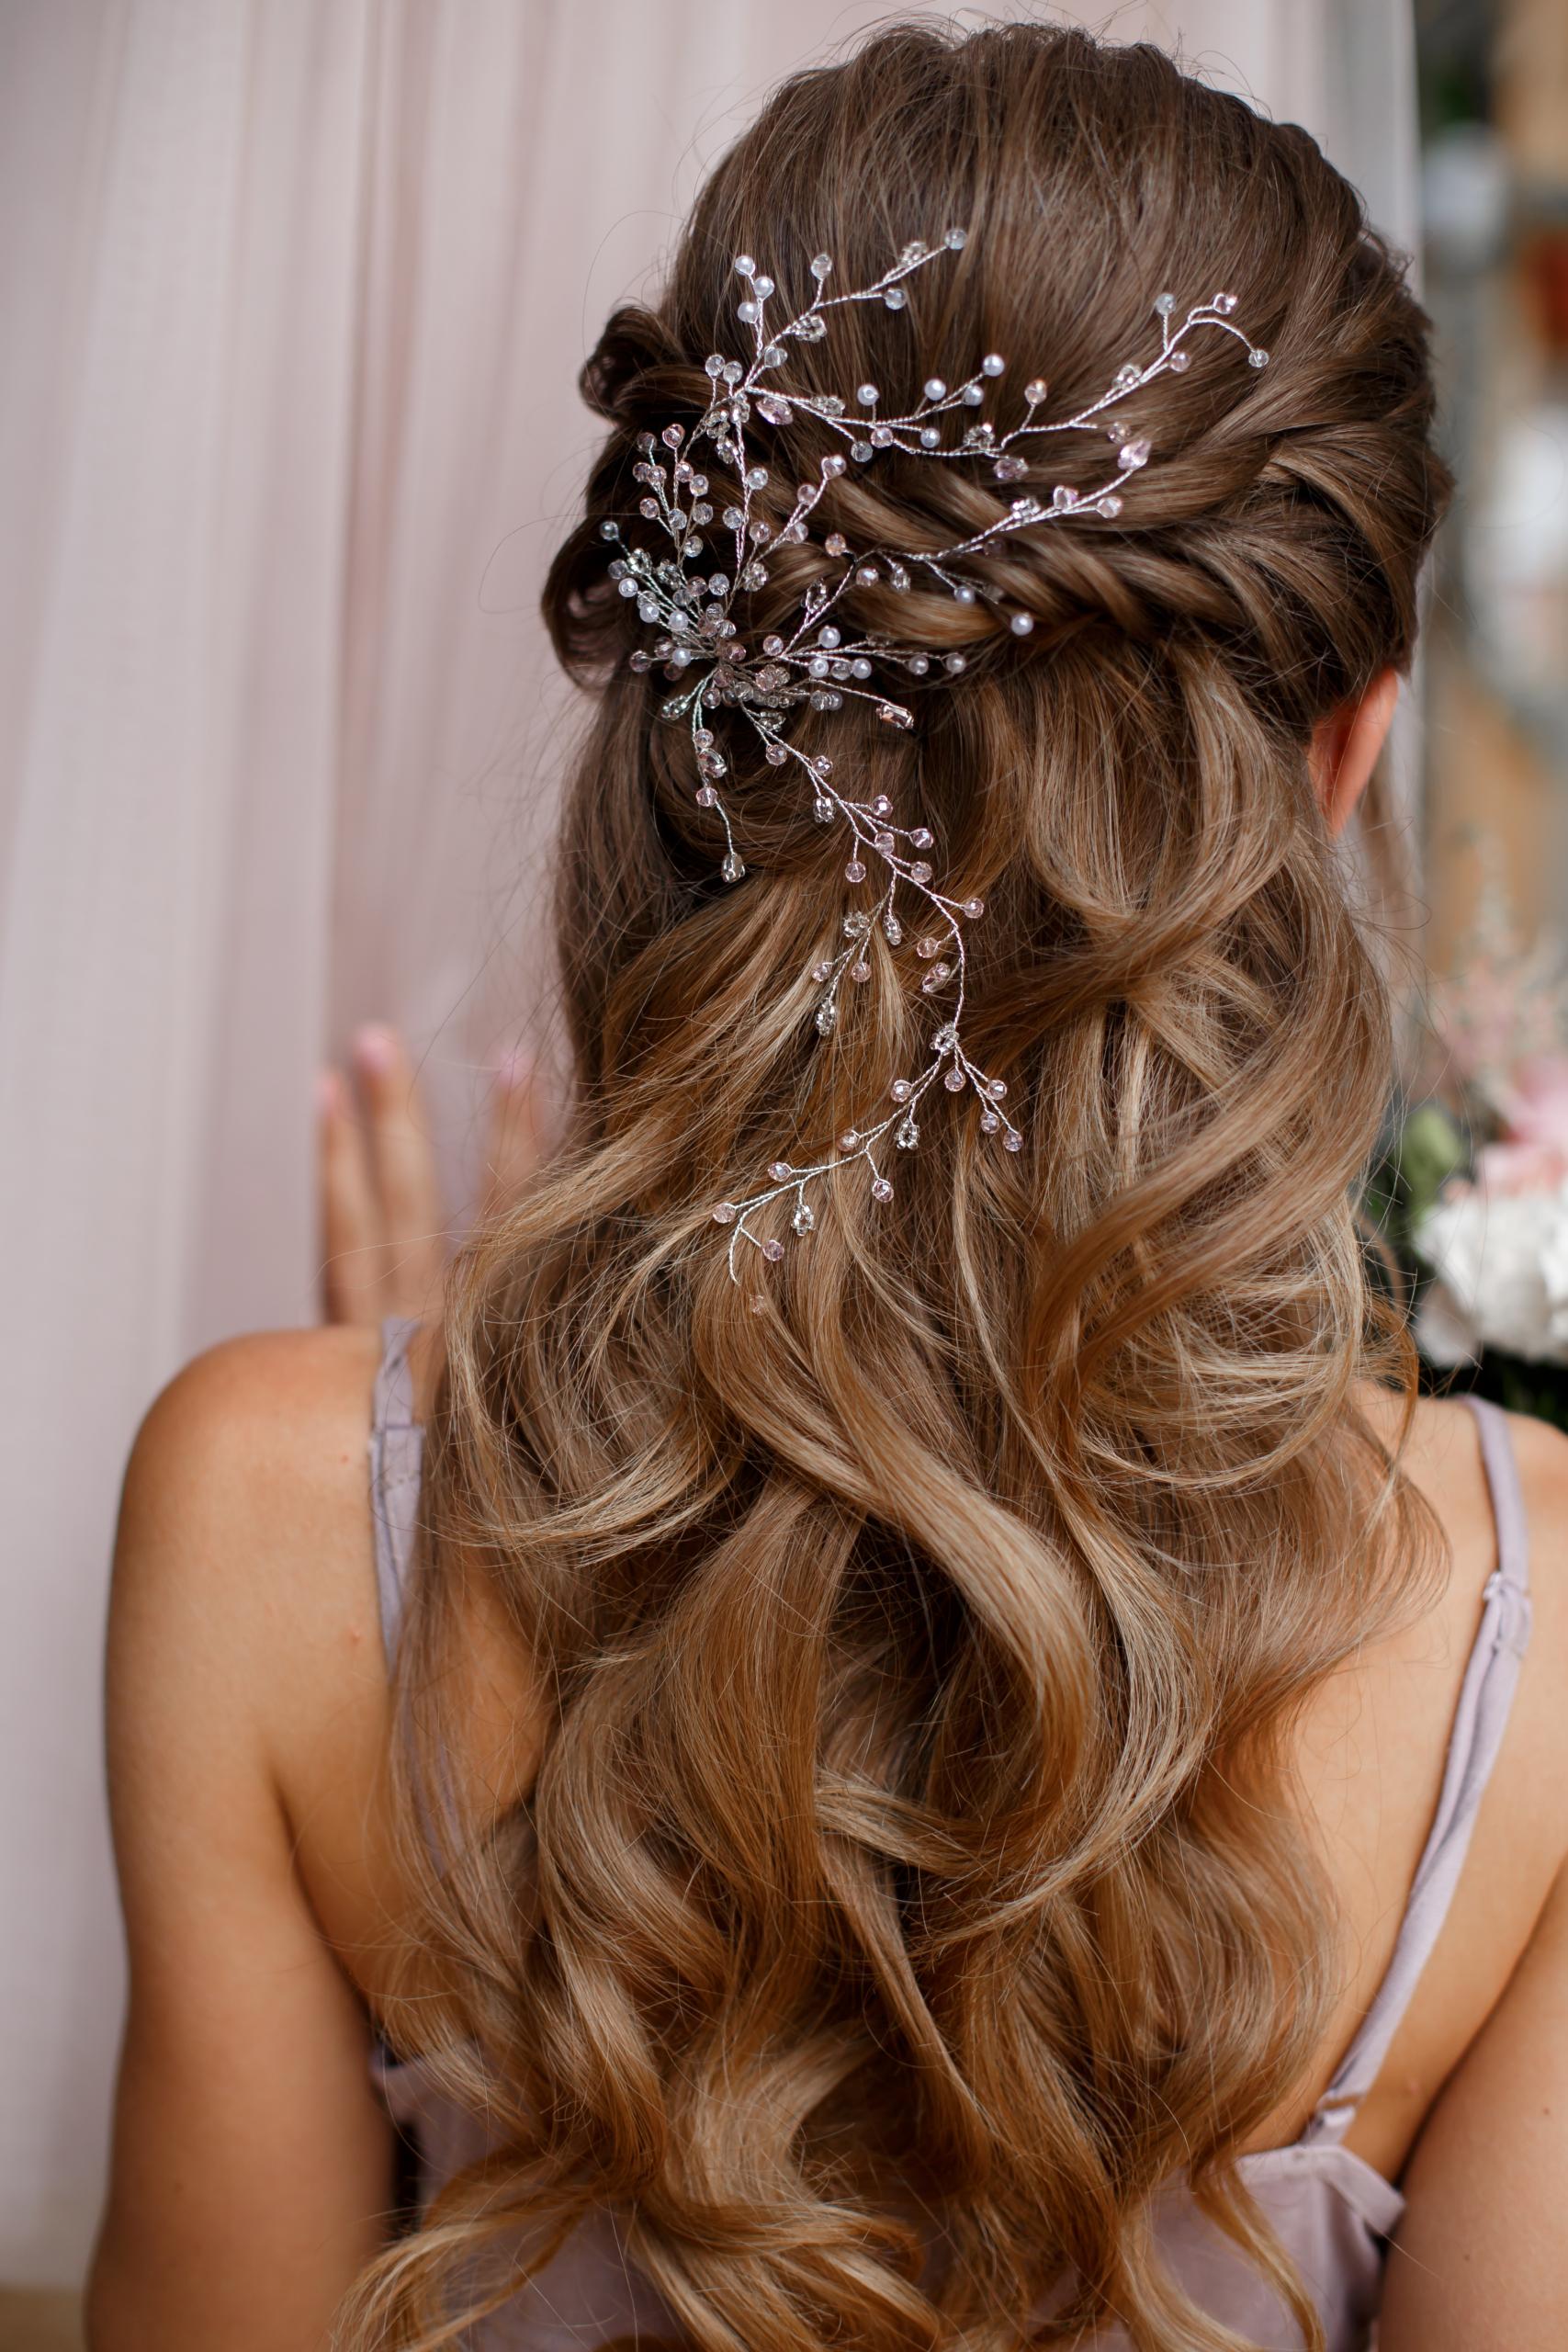 Idee acconciatura sposa: capelli sciolti